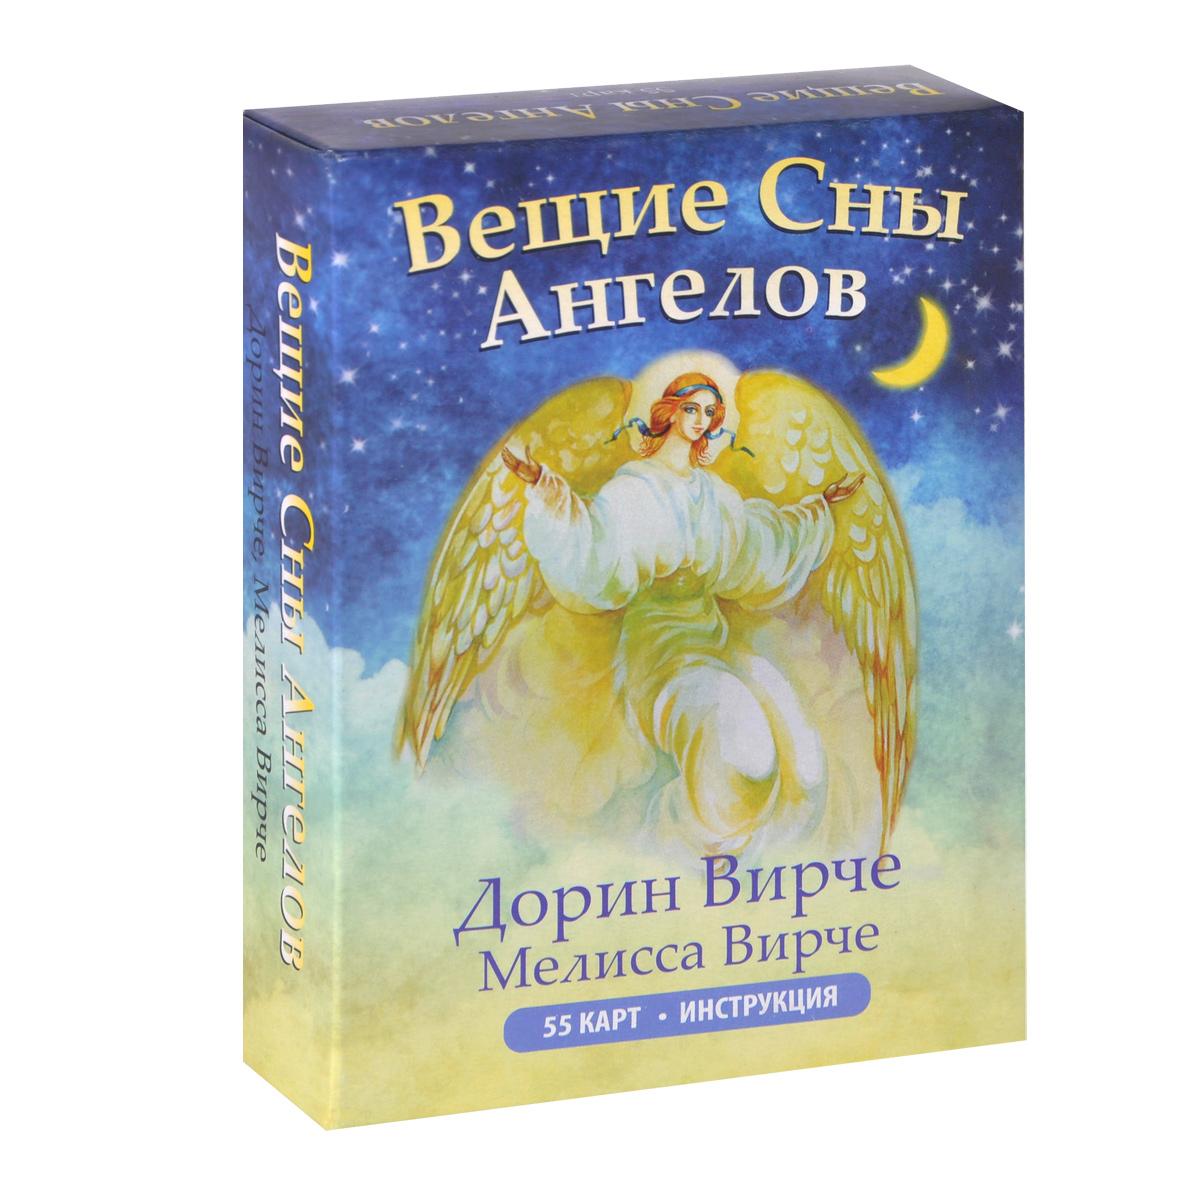 Вещие сны ангелов  (колода из 55 карт). Дорин Вирче, Мелисса Вирче